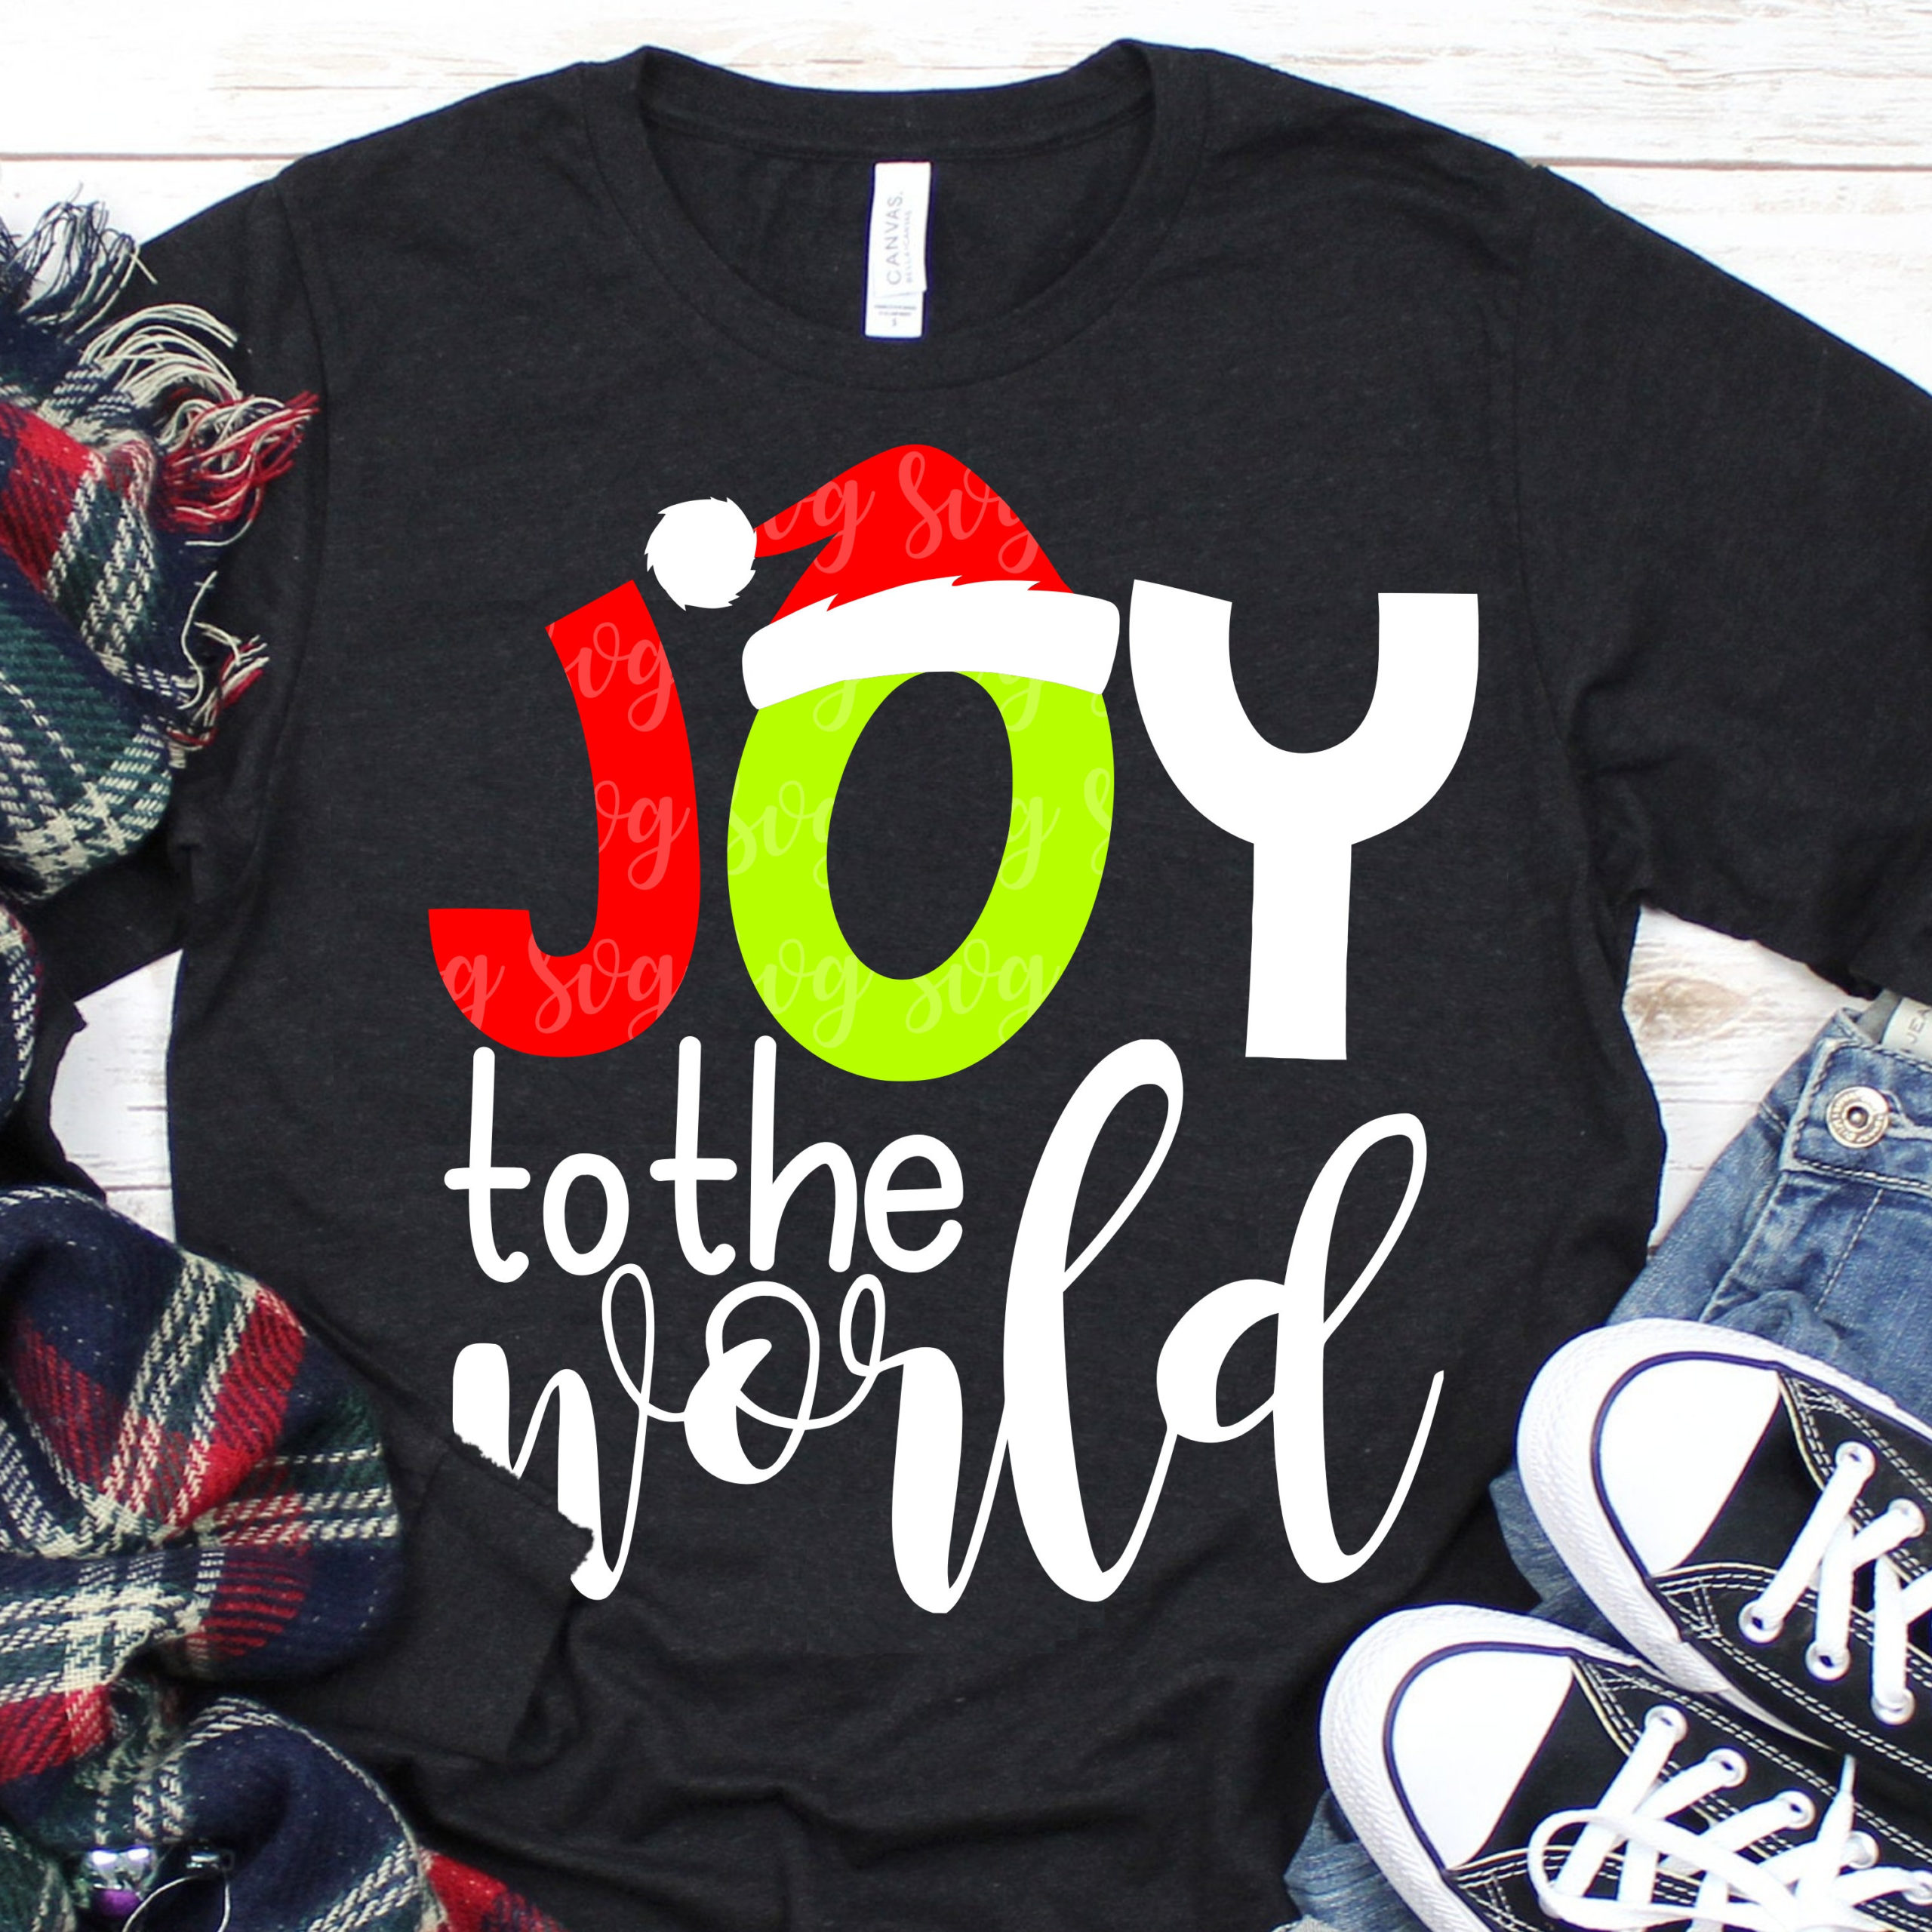 Santa Hat Svg Joy To The World Svg Christmas Saying Svg Christmas Svg Plaid Svg Svg For Circut Eps Svg Dxf Digital Download Clipart Svg For Cricut